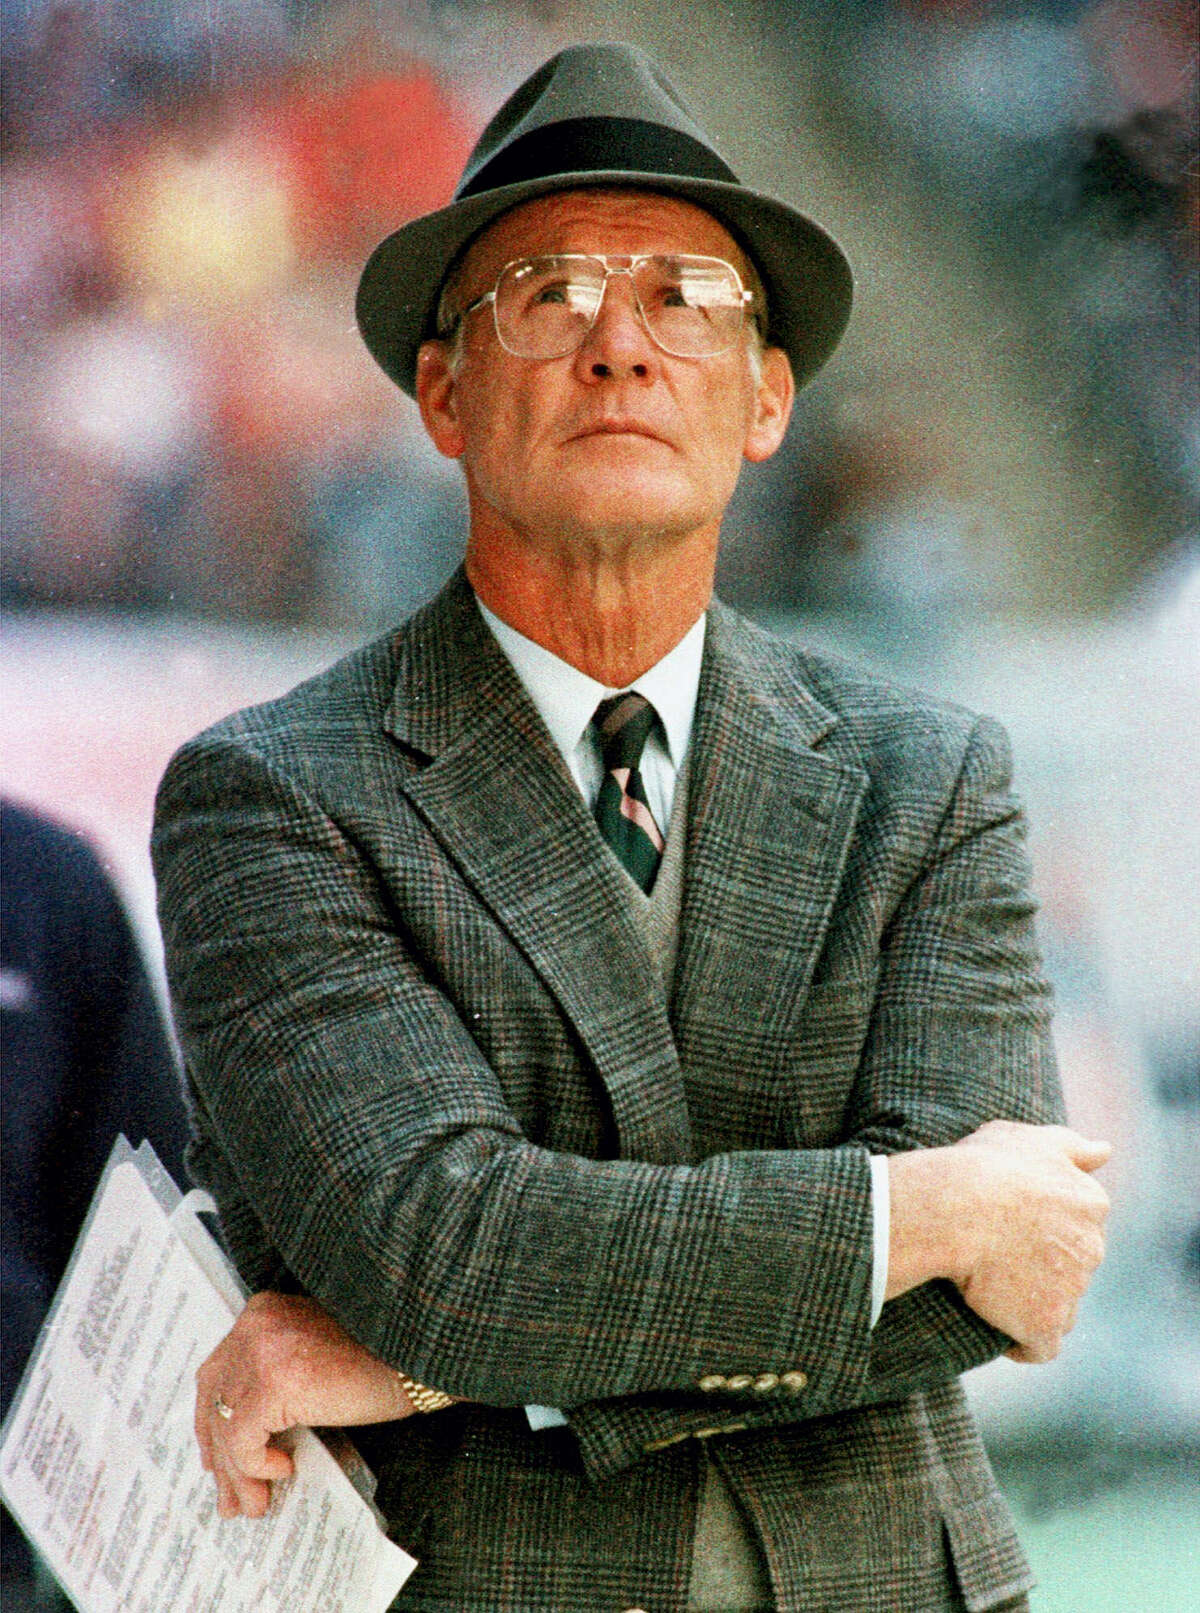 Former Dallas Cowboys head coach Tom Landry.